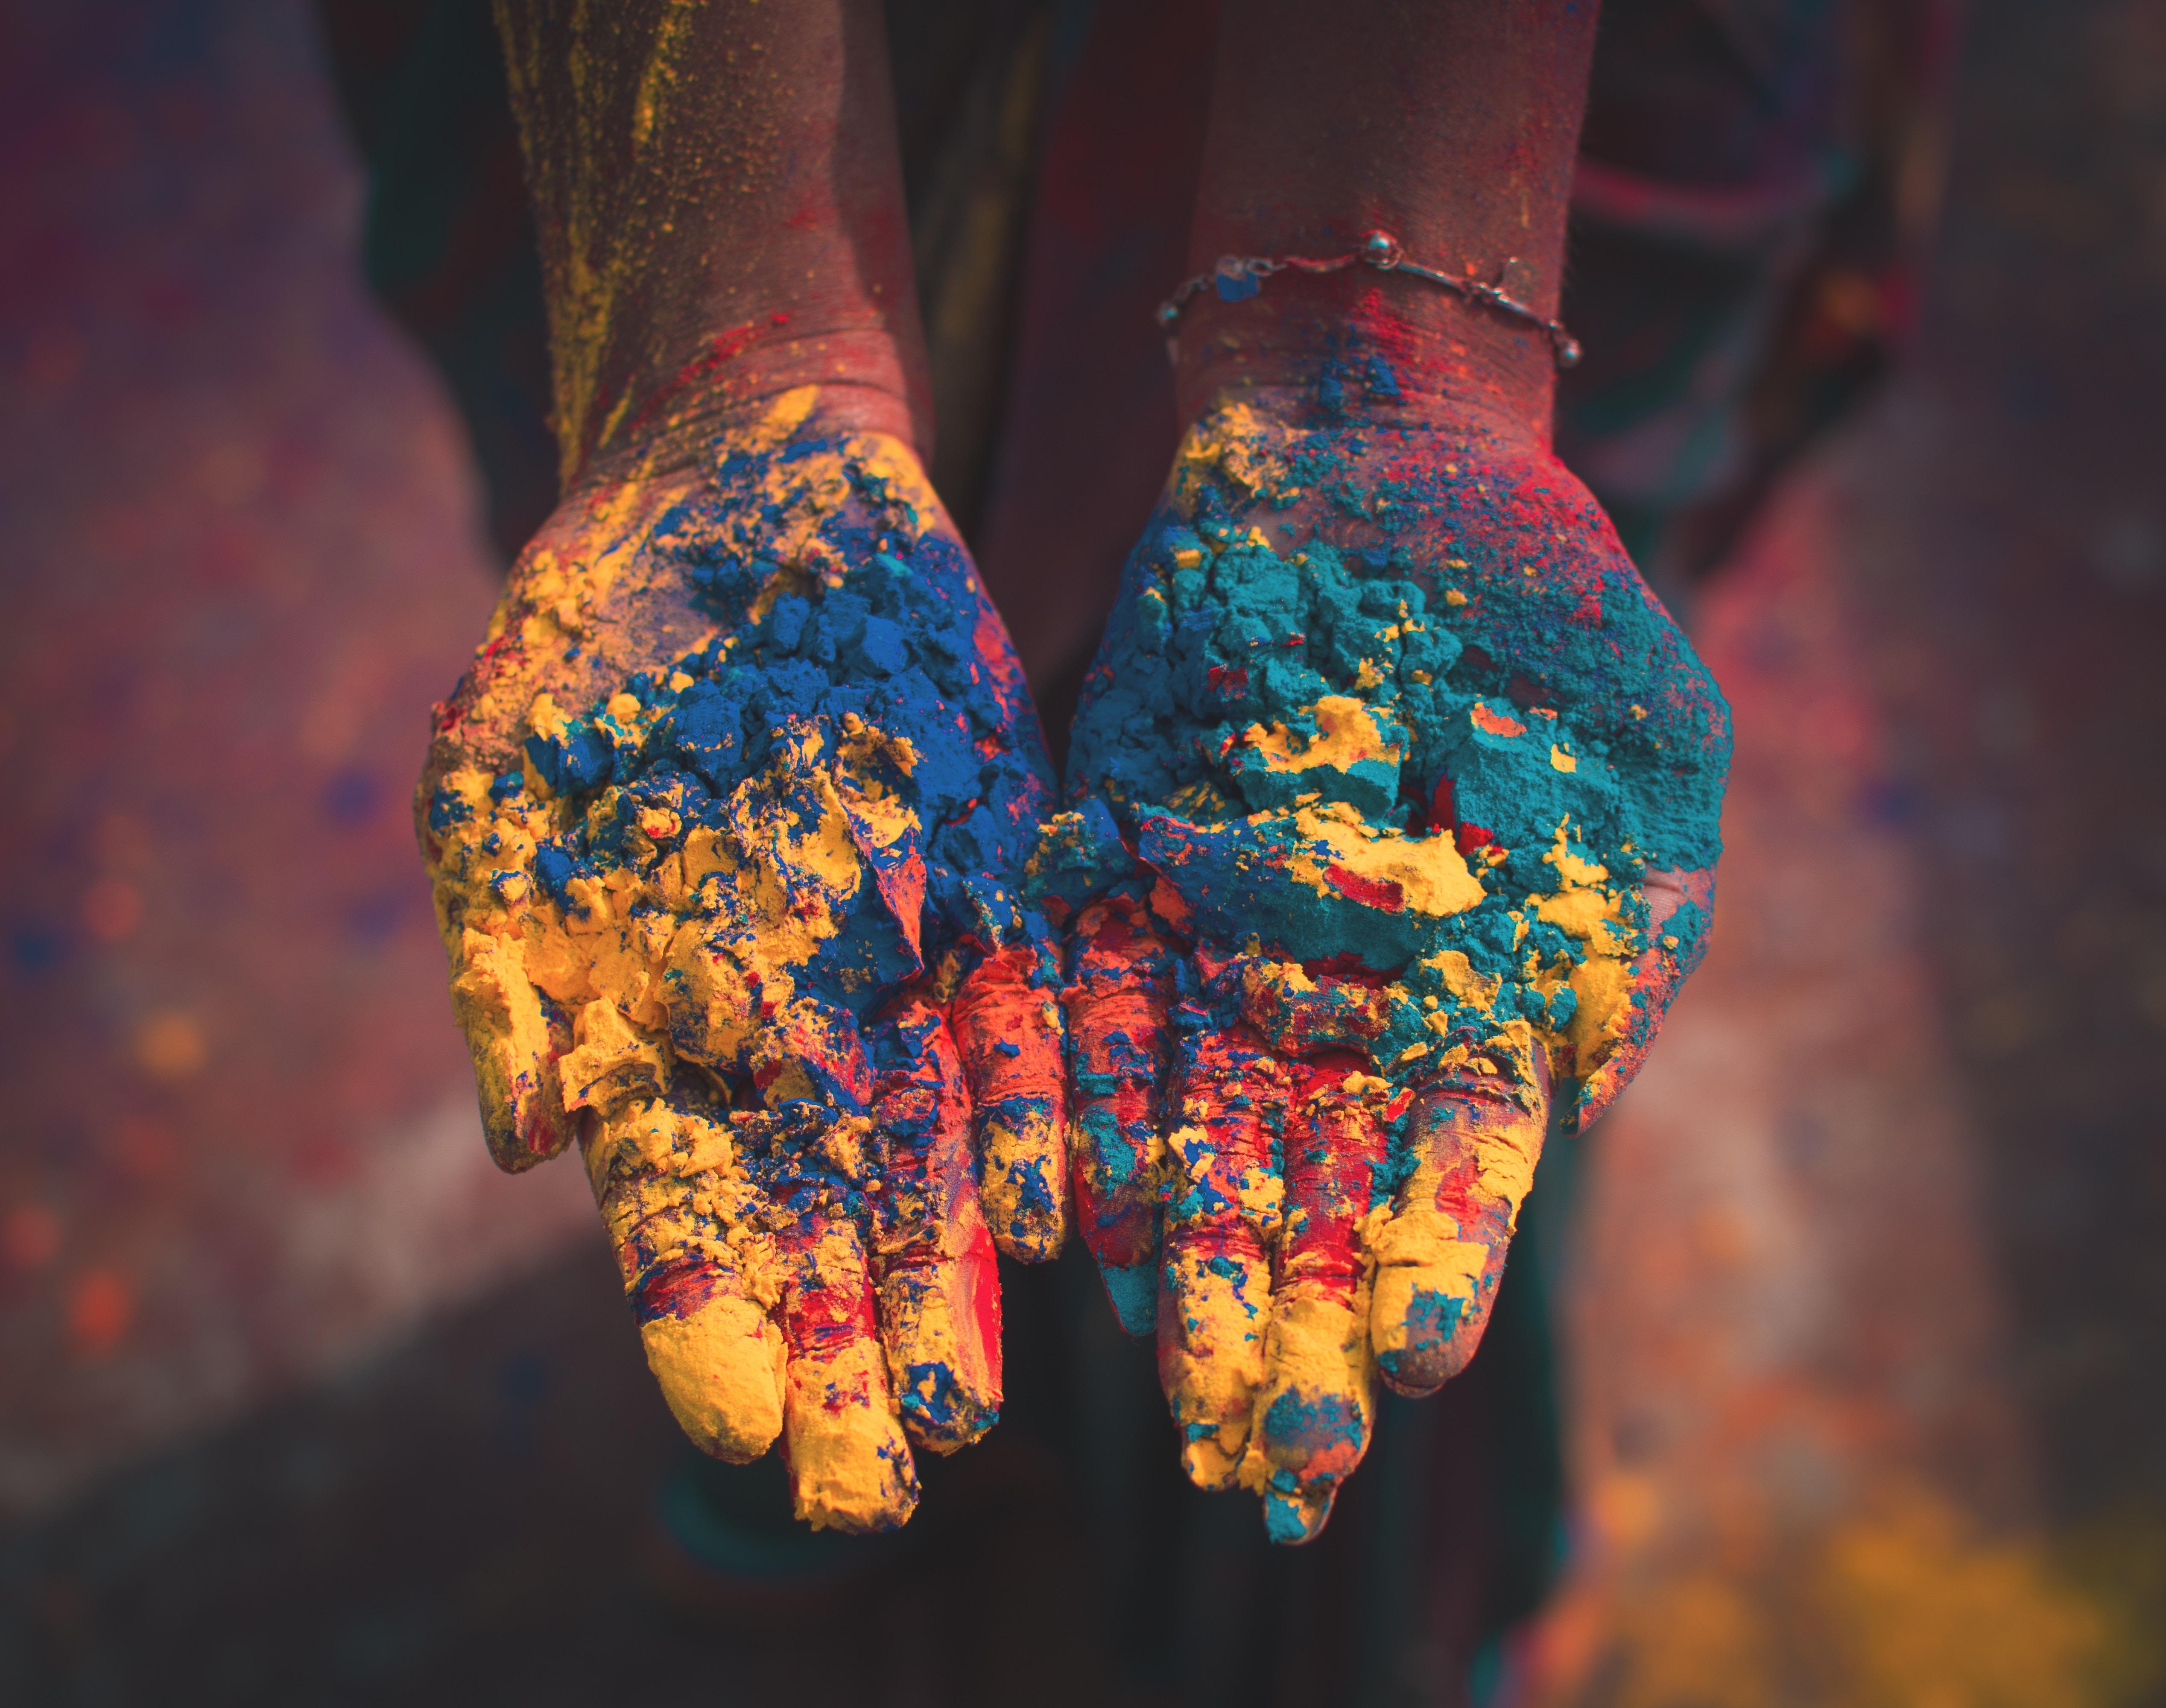 Image of hands holding Holi powder